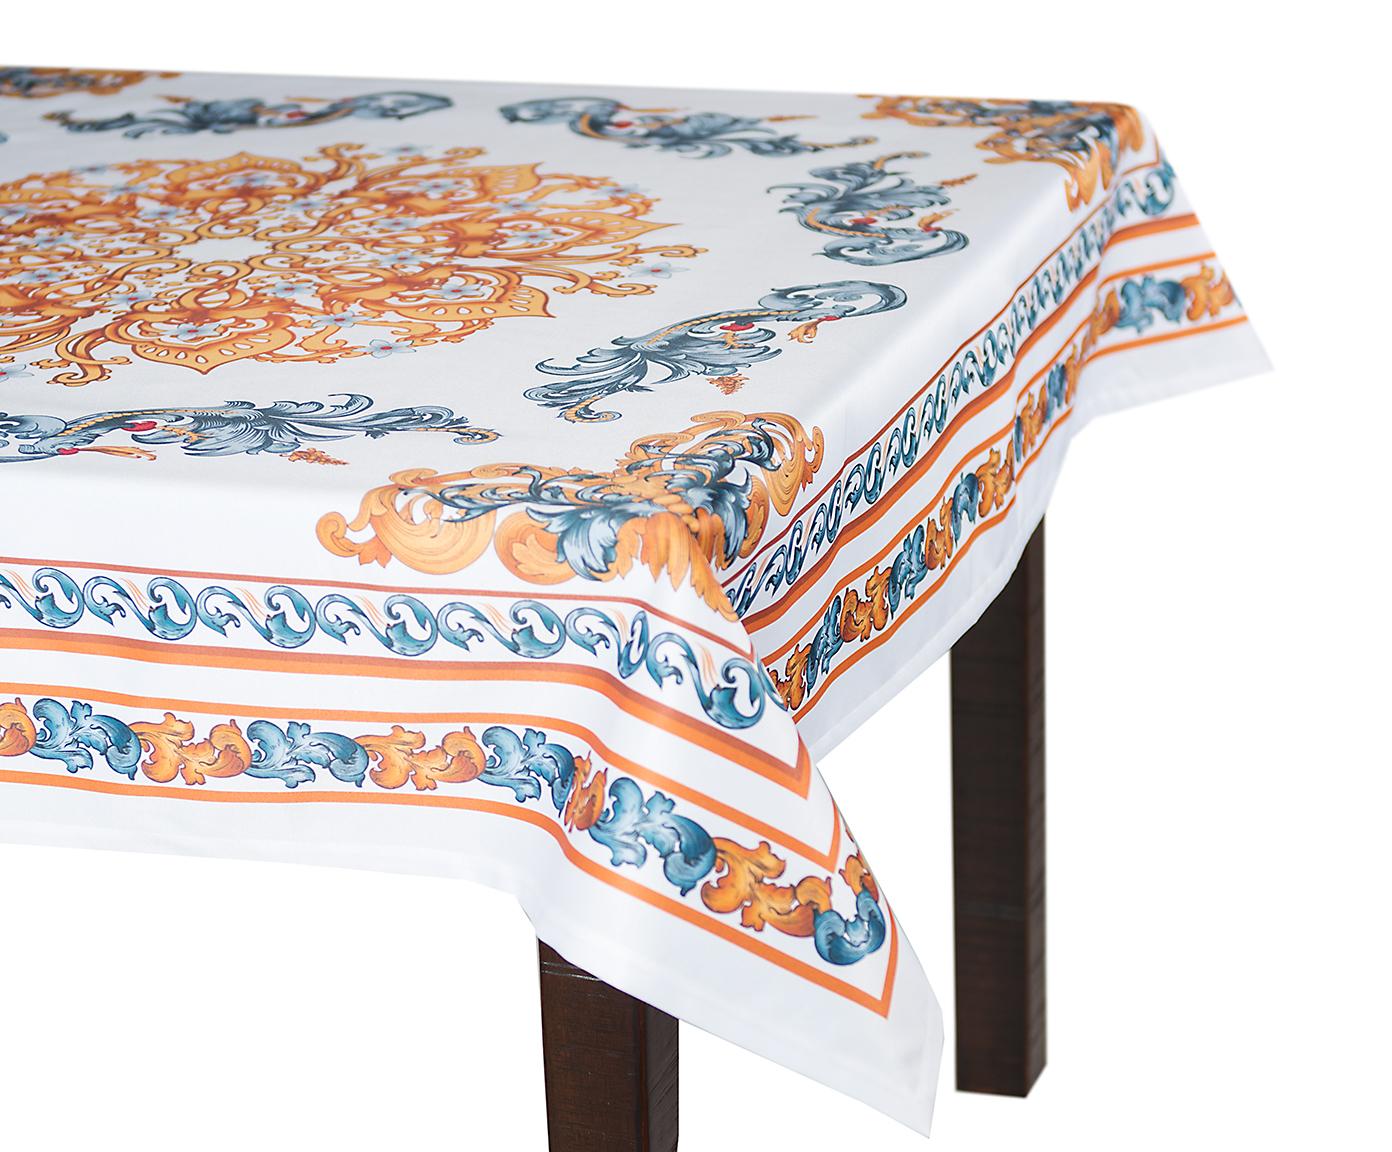 Кухня Скатерть 140x220 Blonder Home Delight оранжевая skatert-140x220-blonder-home-delight-oranzhevaya-ssha-rossiya.jpg